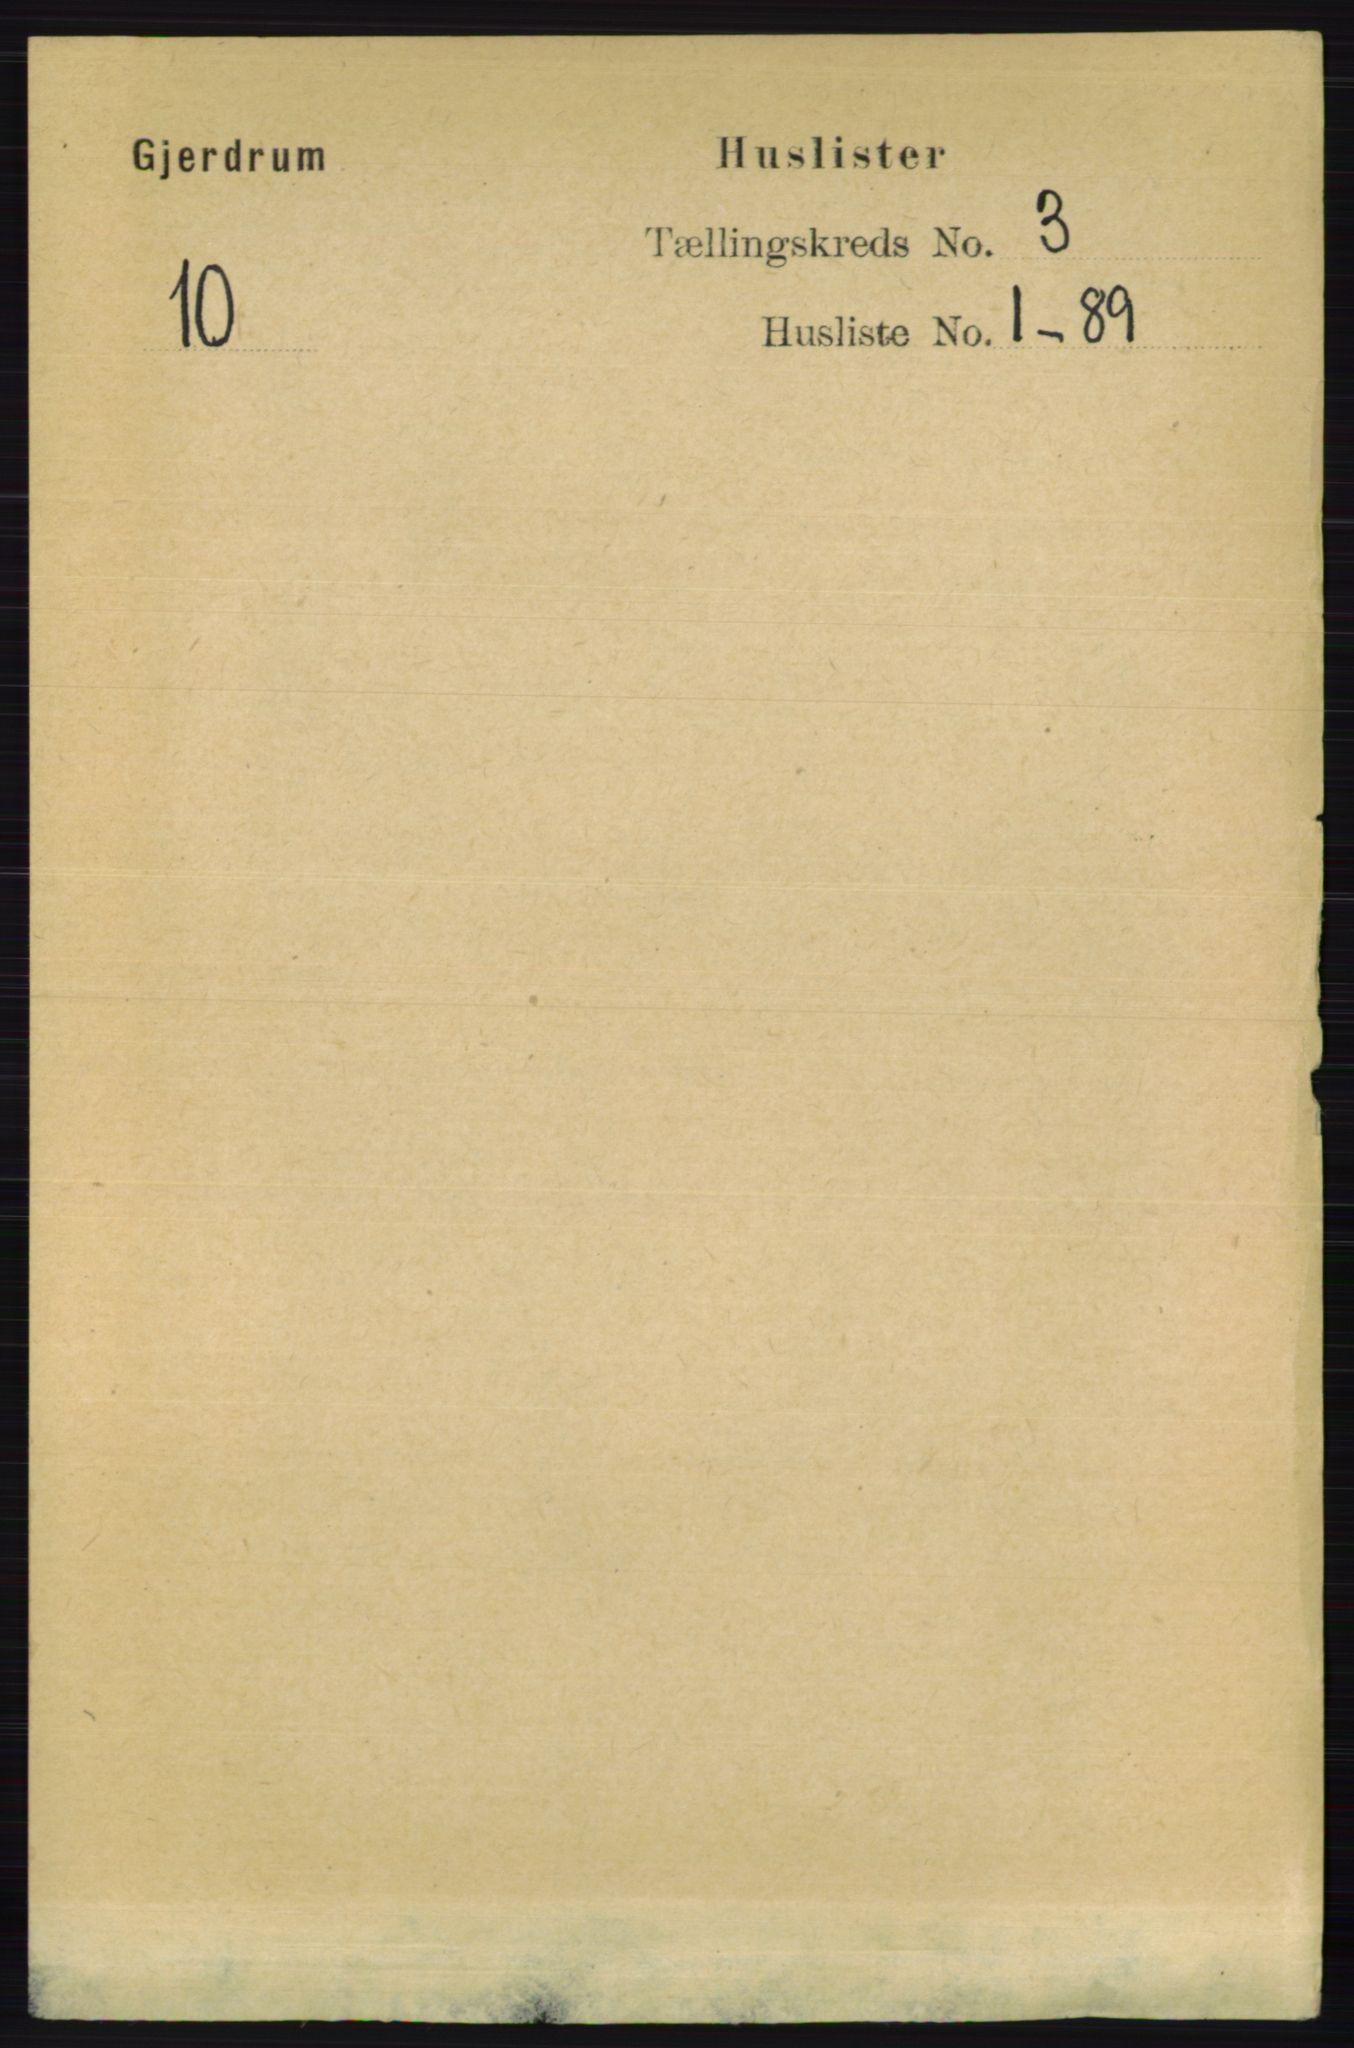 RA, Folketelling 1891 for 0234 Gjerdrum herred, 1891, s. 1159